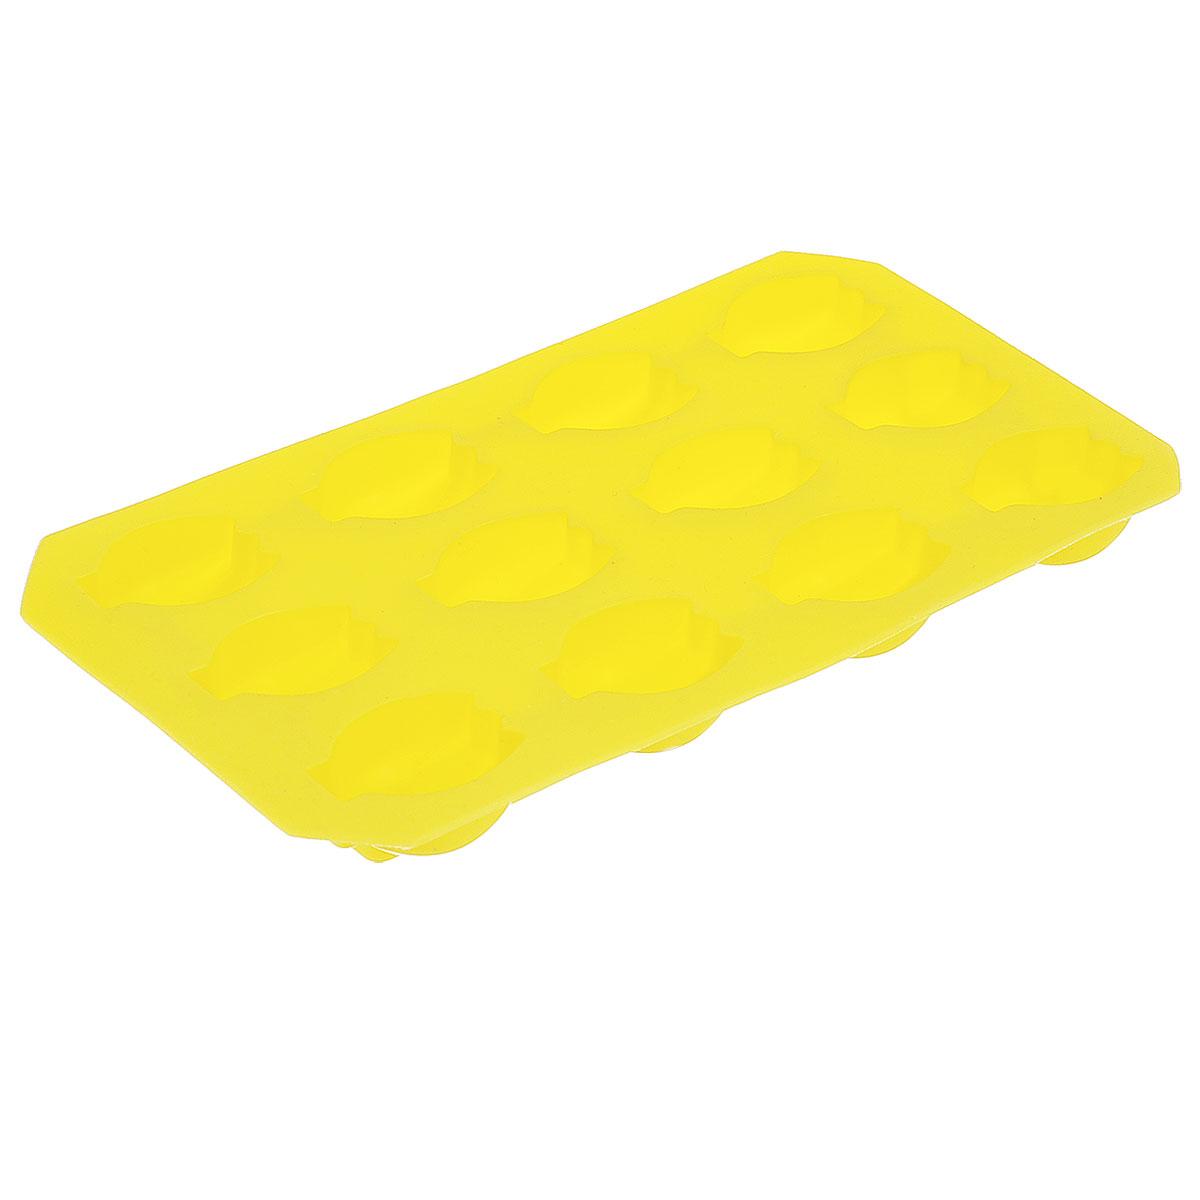 Форма для льда Home Queen Бананы, цвет: желтый, 12 ячеек58Форма Home Queen Бананы выполнена из высококачественного полипропилена и предназначена для изготовления шоколада, конфет, мармелада, желе и льда. На одном листе расположено 12 ячеек в виде связки бананов. Благодаря тому, что форма изготовлена из силикона, готовый десерт вынимать легко и просто. Силикон абсолютно безвреден для здоровья. Чтобы достать льдинки, эту форму не нужно держать под теплой водой или использовать нож. Можно мыть в посудомоечной машине. Общий размер формы: 21,5 см х 11,5 см х 2 см. Количество ячеек: 12 шт. Размер ячеек: 3,5 см х 2,5 см х 1,5 см.